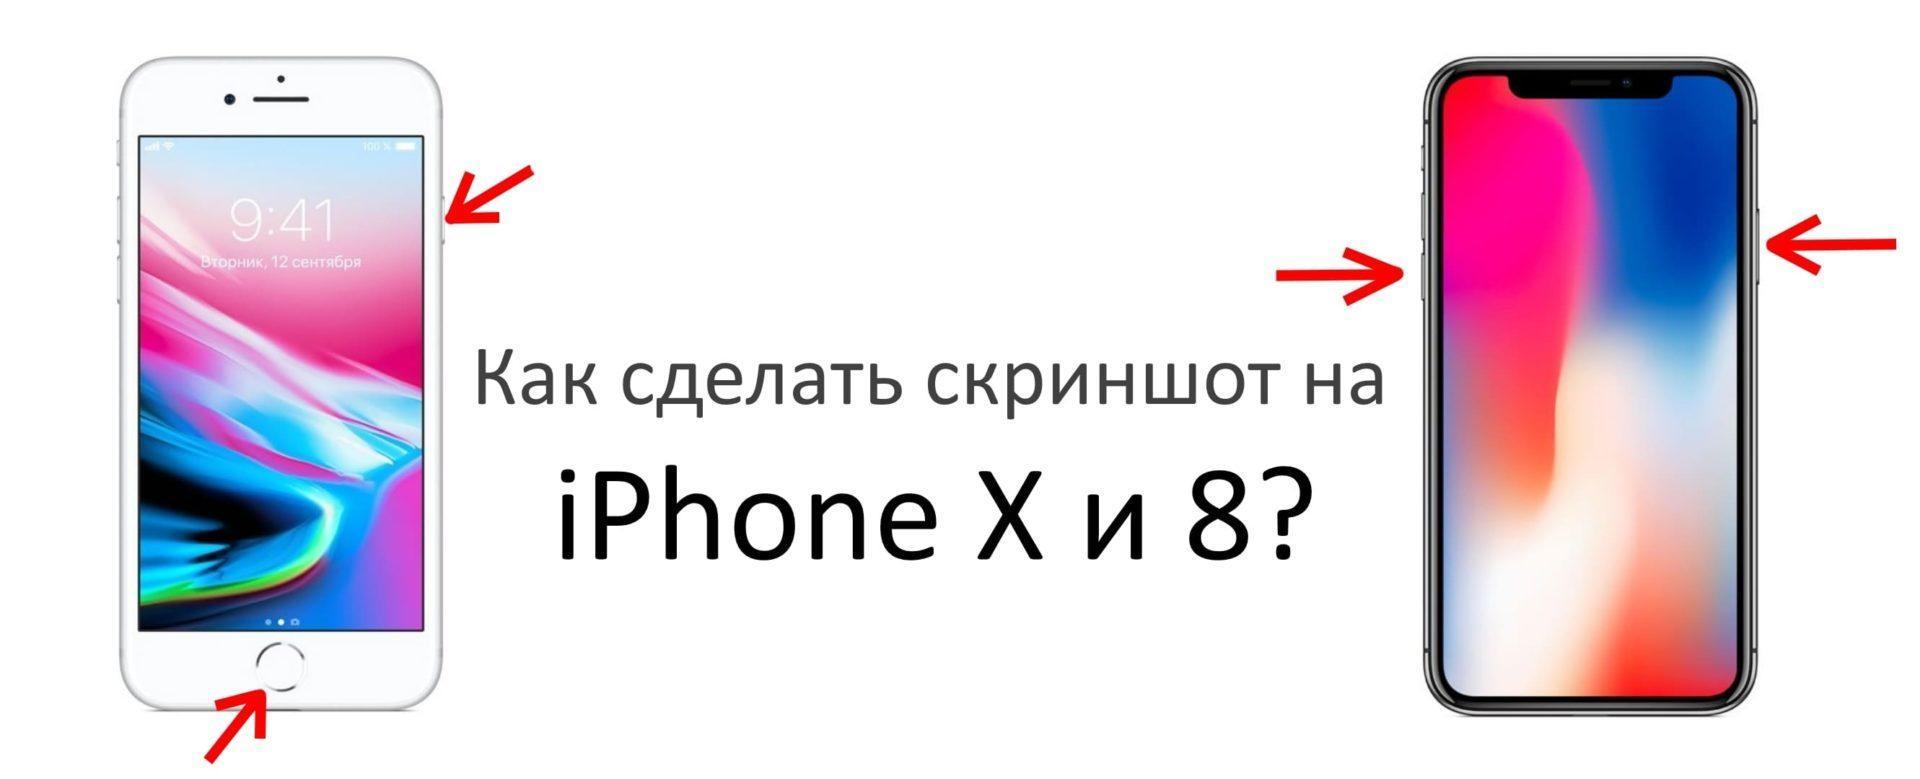 скриншот экрана на Айфоне X